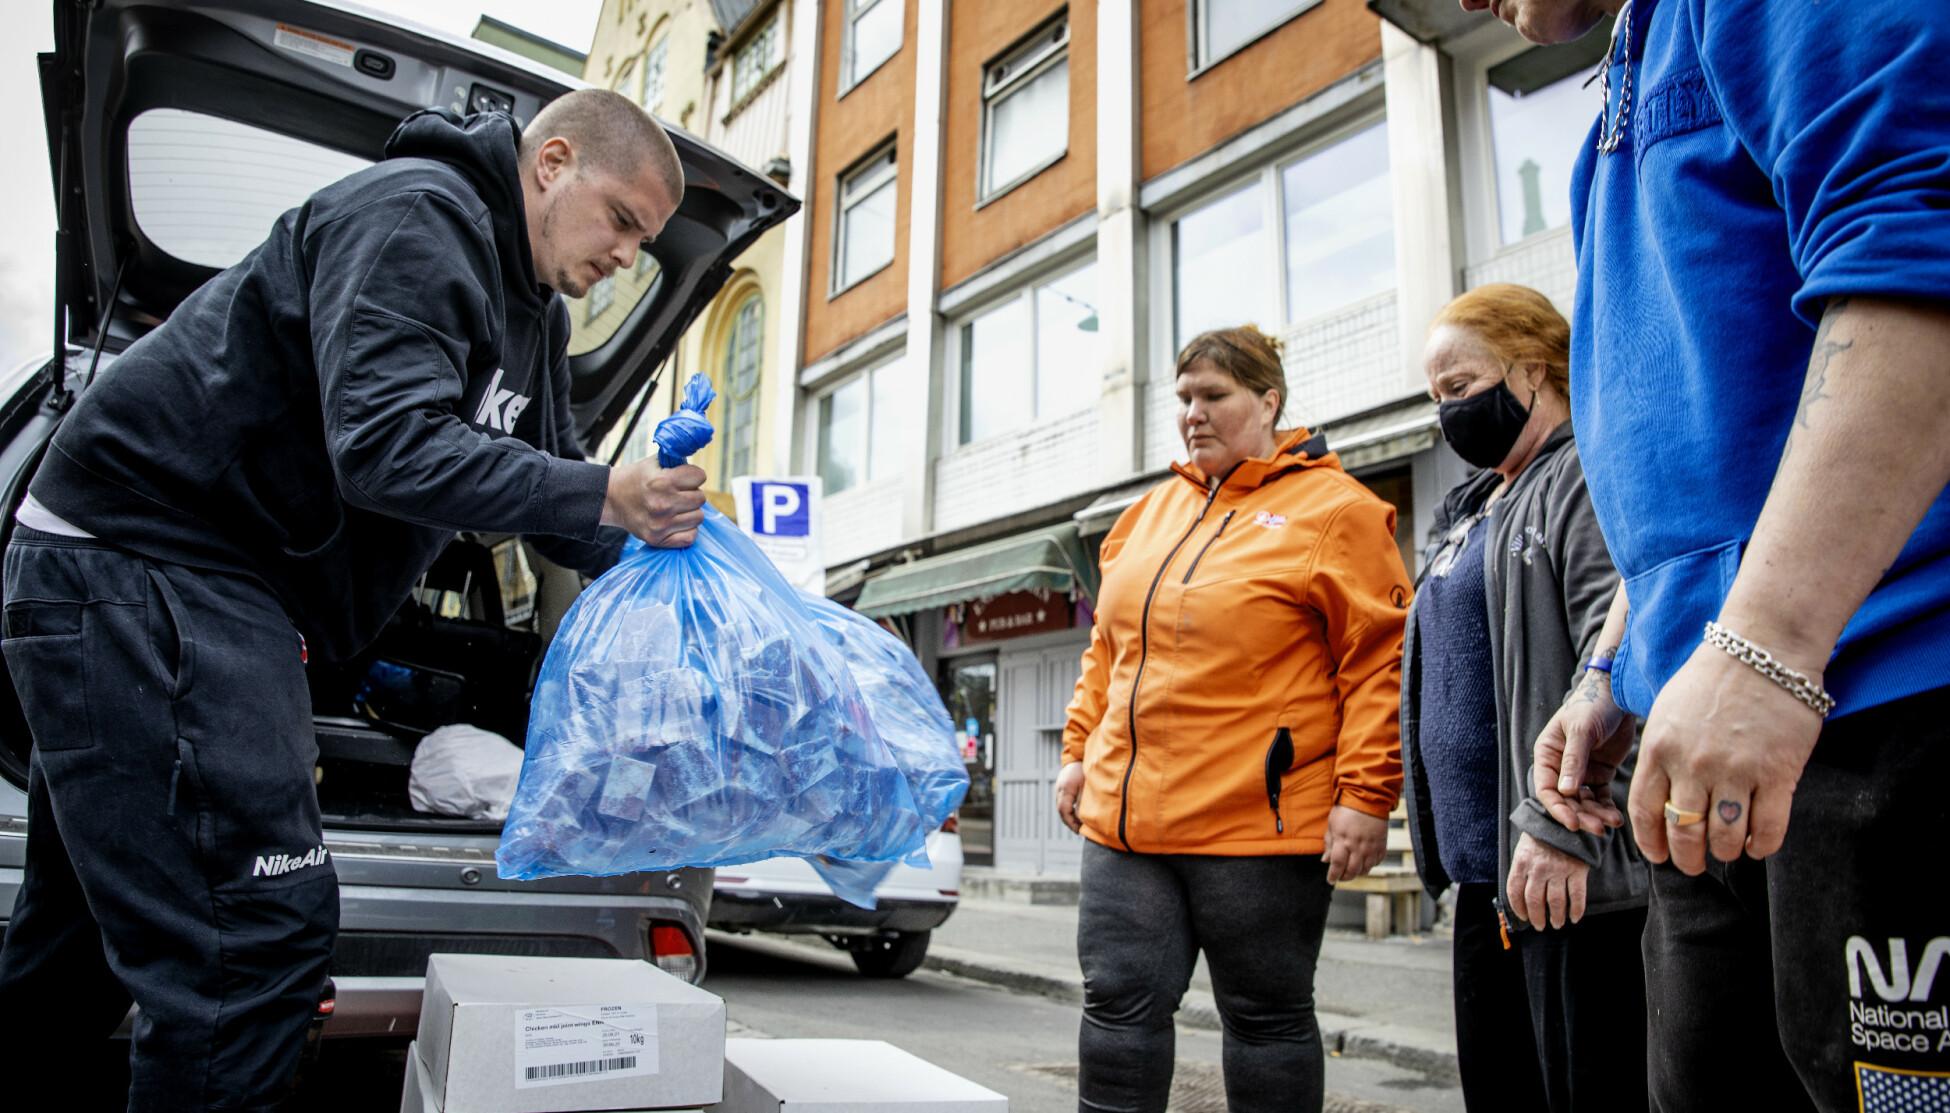 SAMLER INN: Marius Larsen ønsker å hjelpe dem som møter opp ved Fattighuset. Det gjør han ved å bringe store mengder kjøtt, som kan anrettes til middagsmat. Foto: Nina Hansen / DAGBLADET